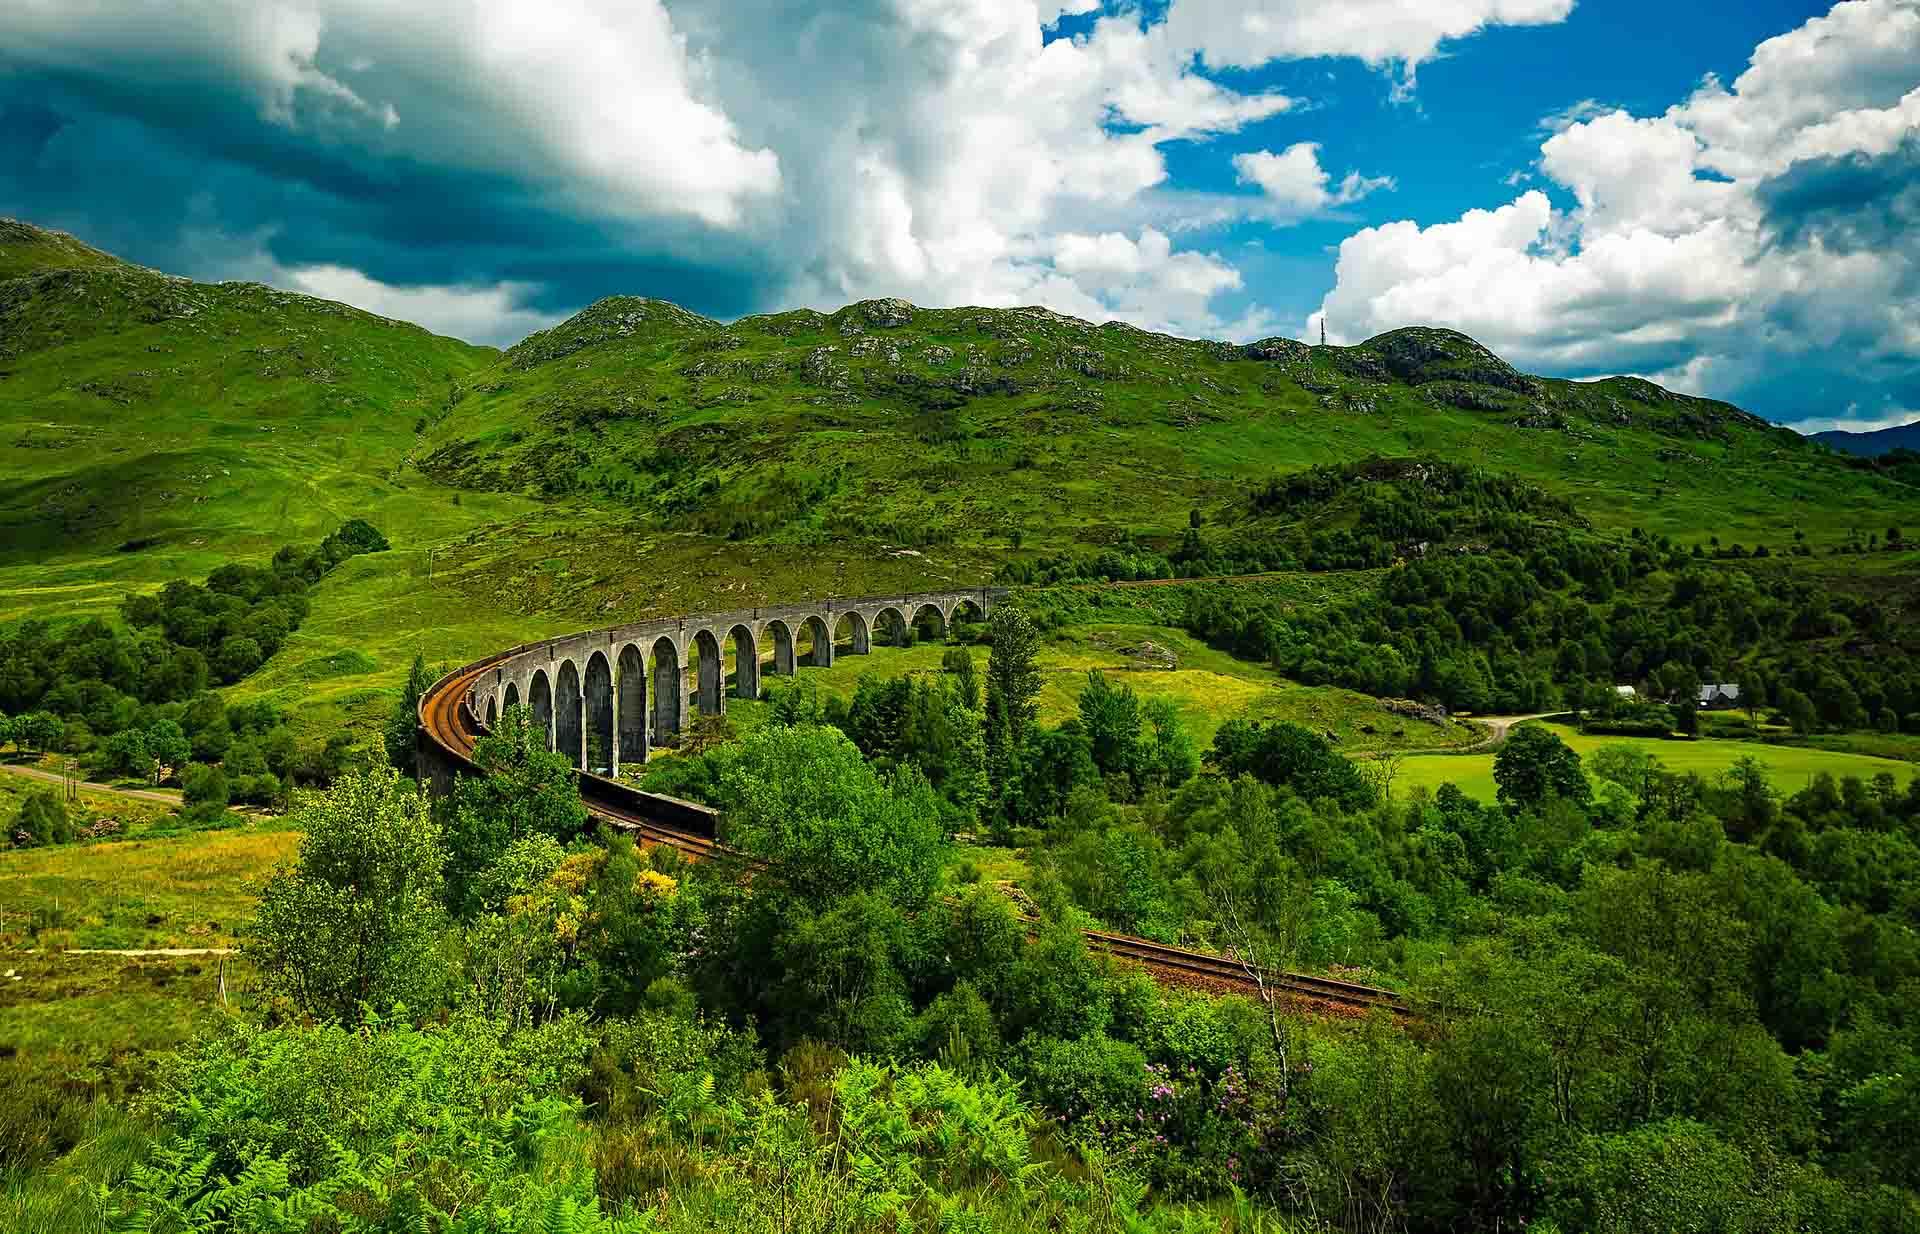 Rondreis met de trein door Schotland